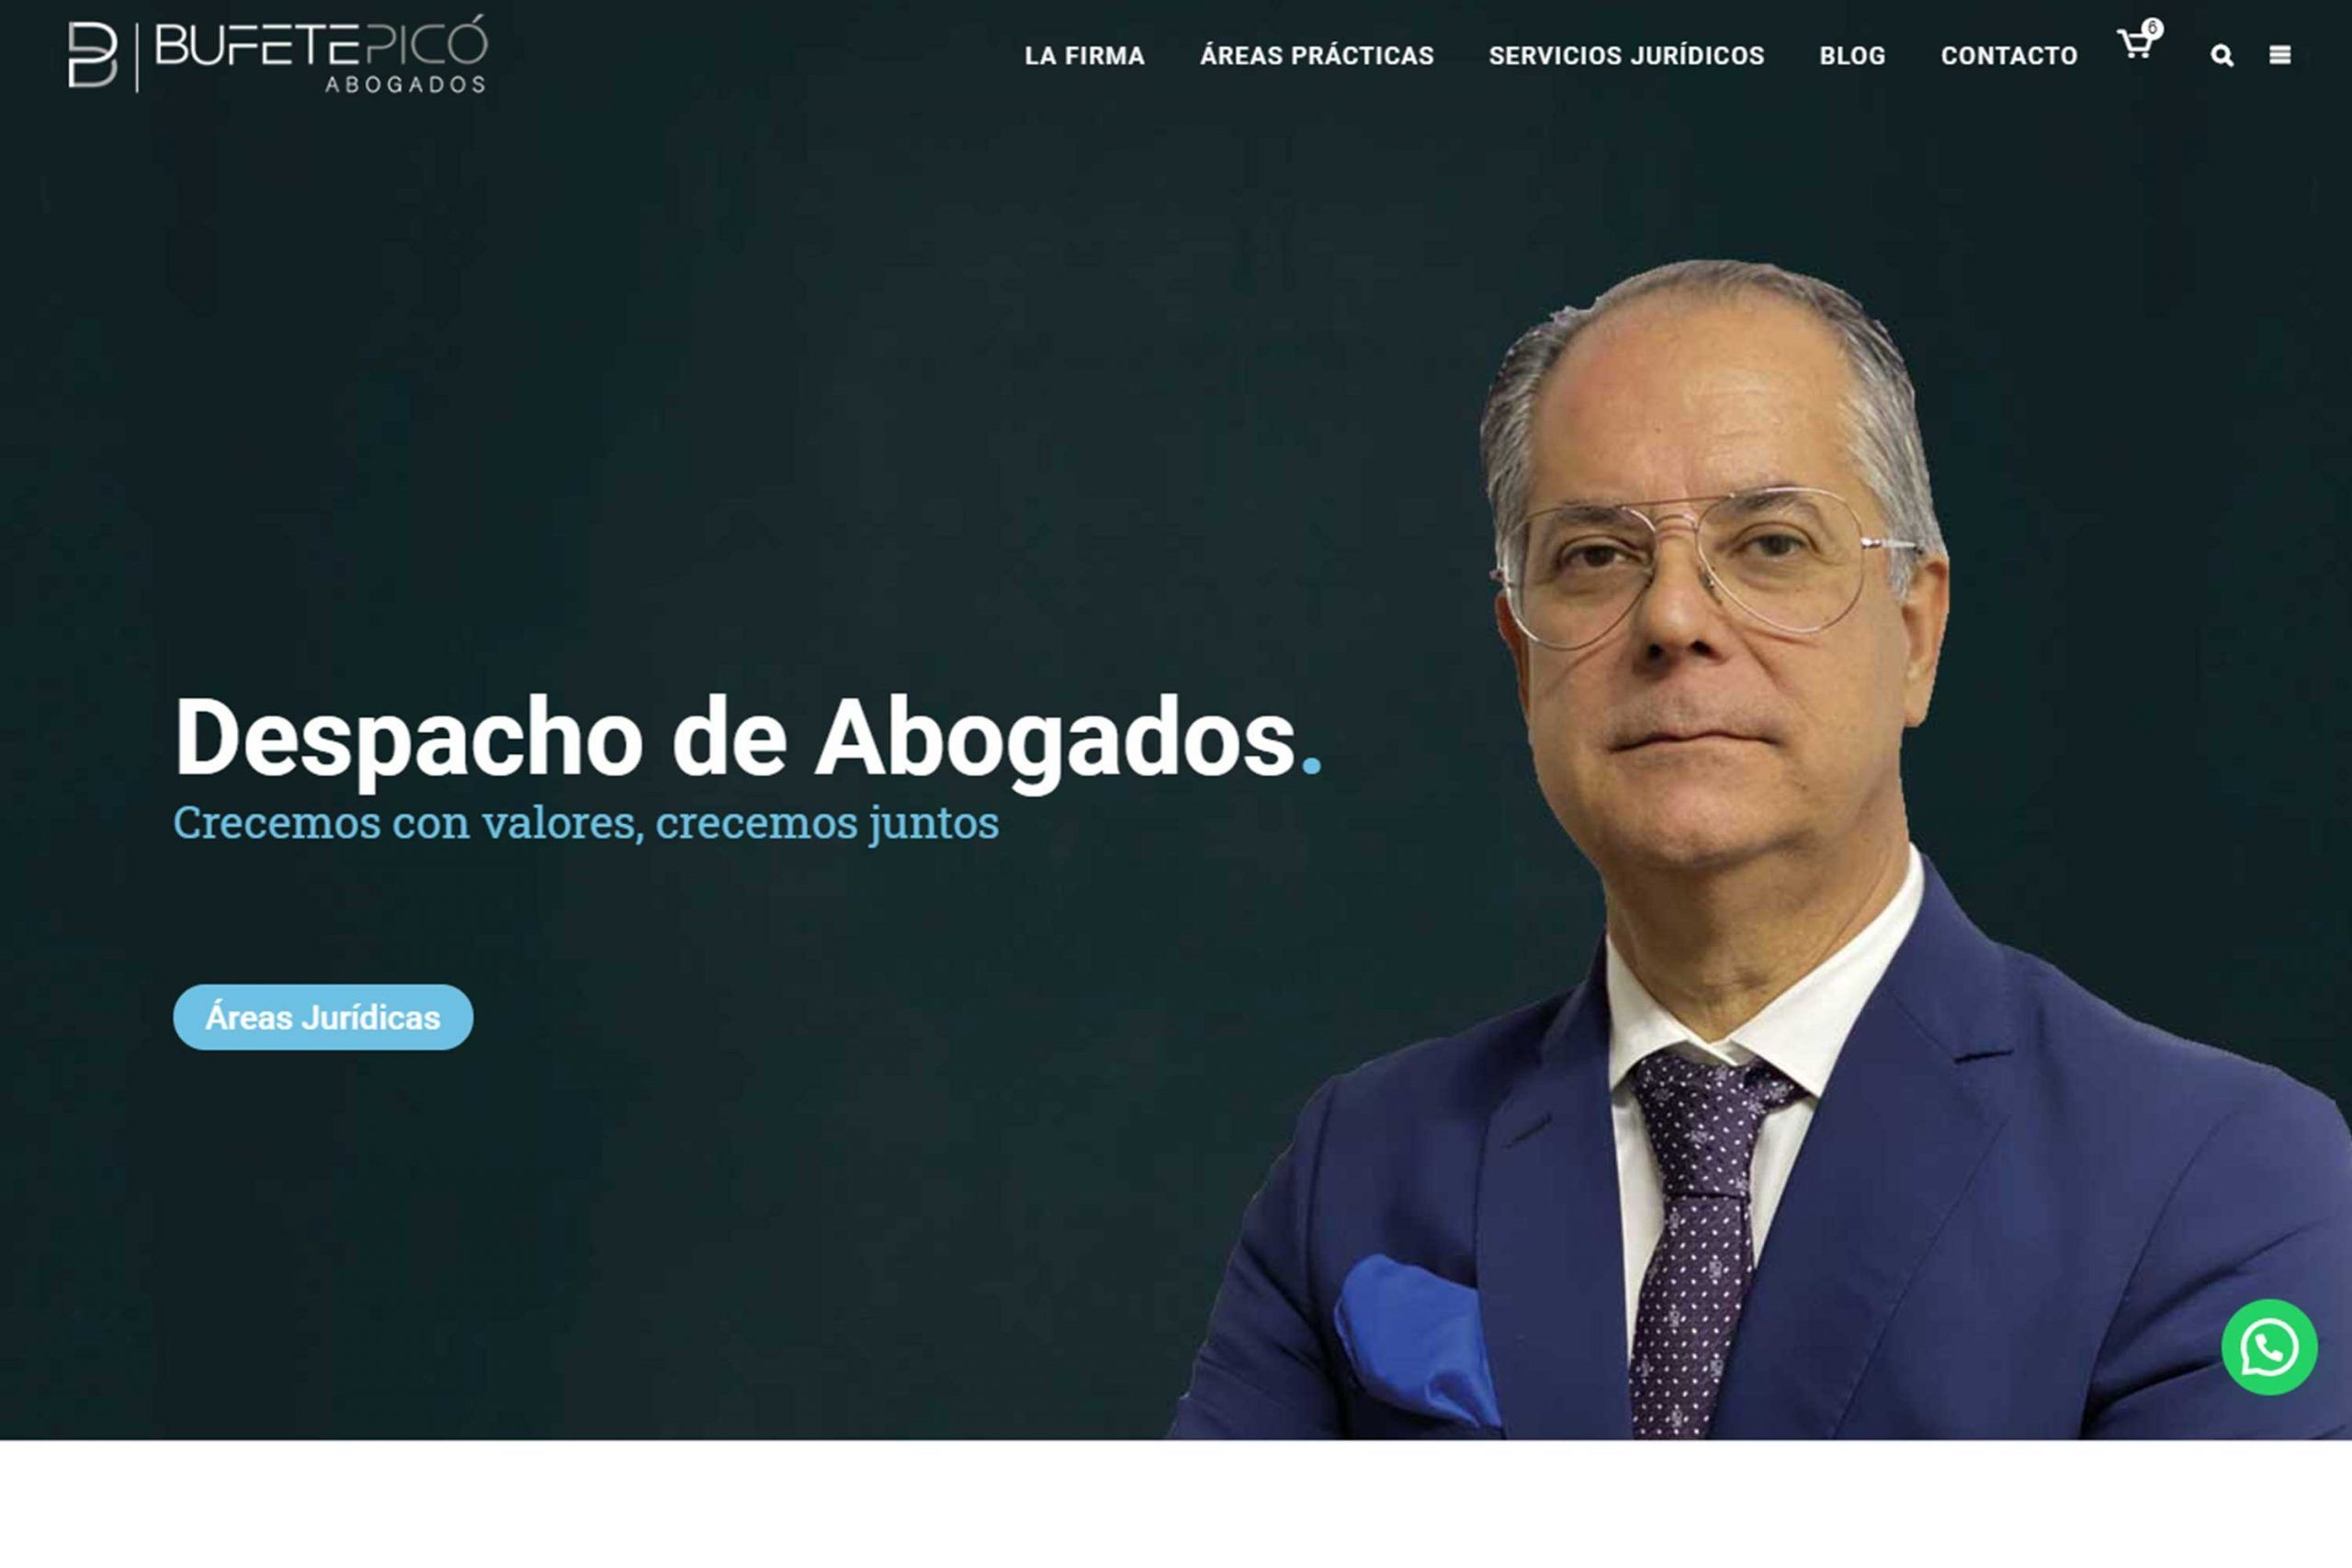 Nueva-pagina-web-despacho-abogados